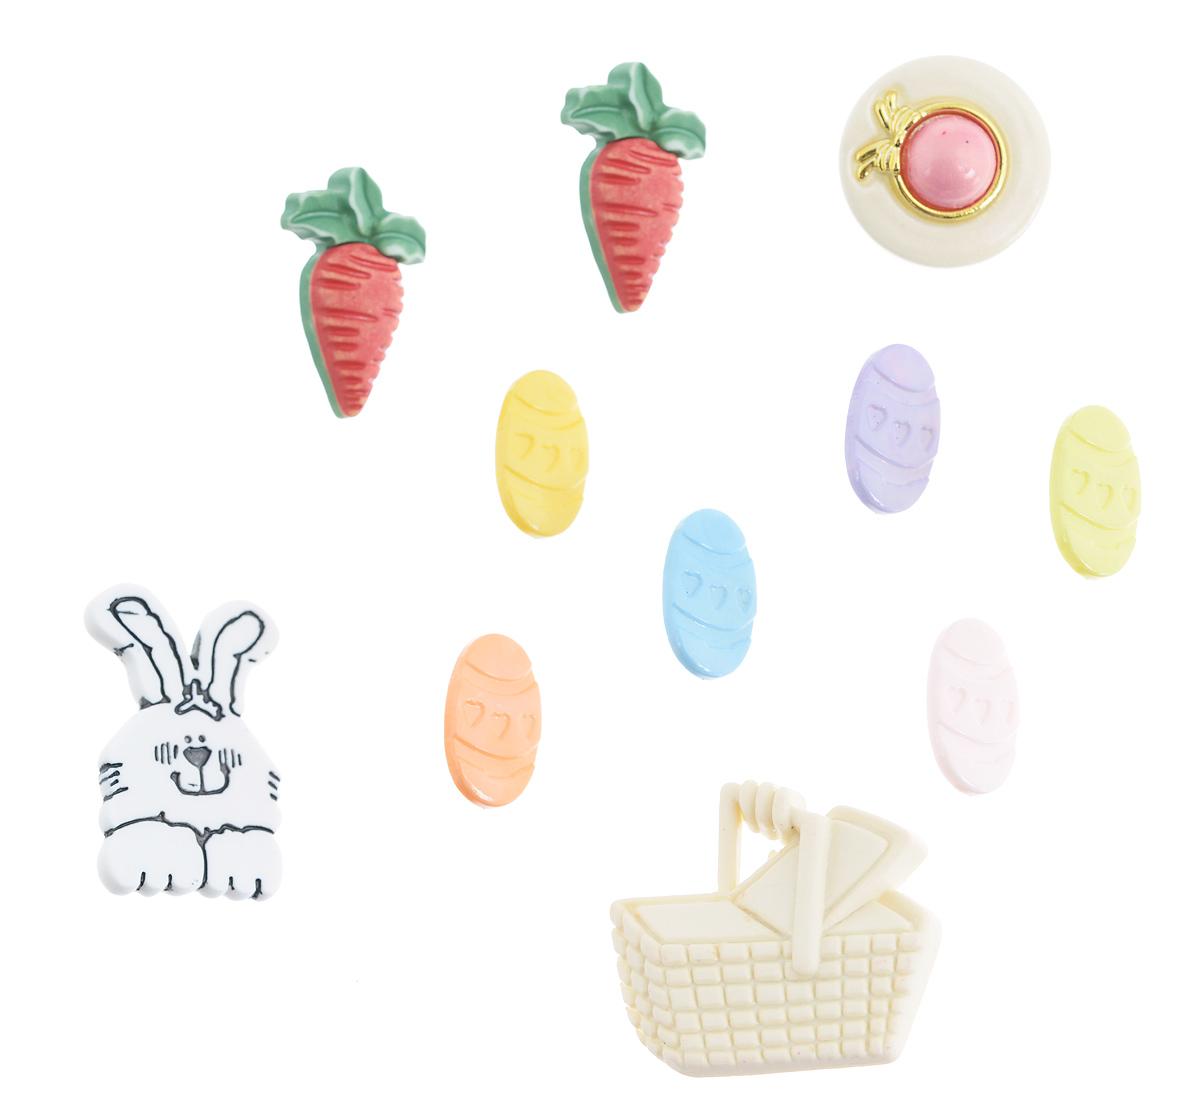 Набор пуговиц и фигурок Buttons Galore & More Easter Fun, 11 шт7705944Набор Buttons Galore & More Easter Fun состоит из 10 декоративных пуговиц на ножке и 1 декоративного элемента, который можно приклеить. Все элементы выполнены из пластика в виде кролика, пасхальных яиц и морковок. Такой набор подходит для любых видов творчества: скрапбукинга, декорирования, шитья, изготовления кукол, а также для оформления одежды. С их помощью вы сможете украсить открытку, фотографию, альбом, подарок и другие предметы ручной работы. Все элементы выполнены в разных цветах и формах, имеют оригинальный и яркий дизайн. Средний размер элементов: 1,7 см х 1,3 см х 0,5 см.